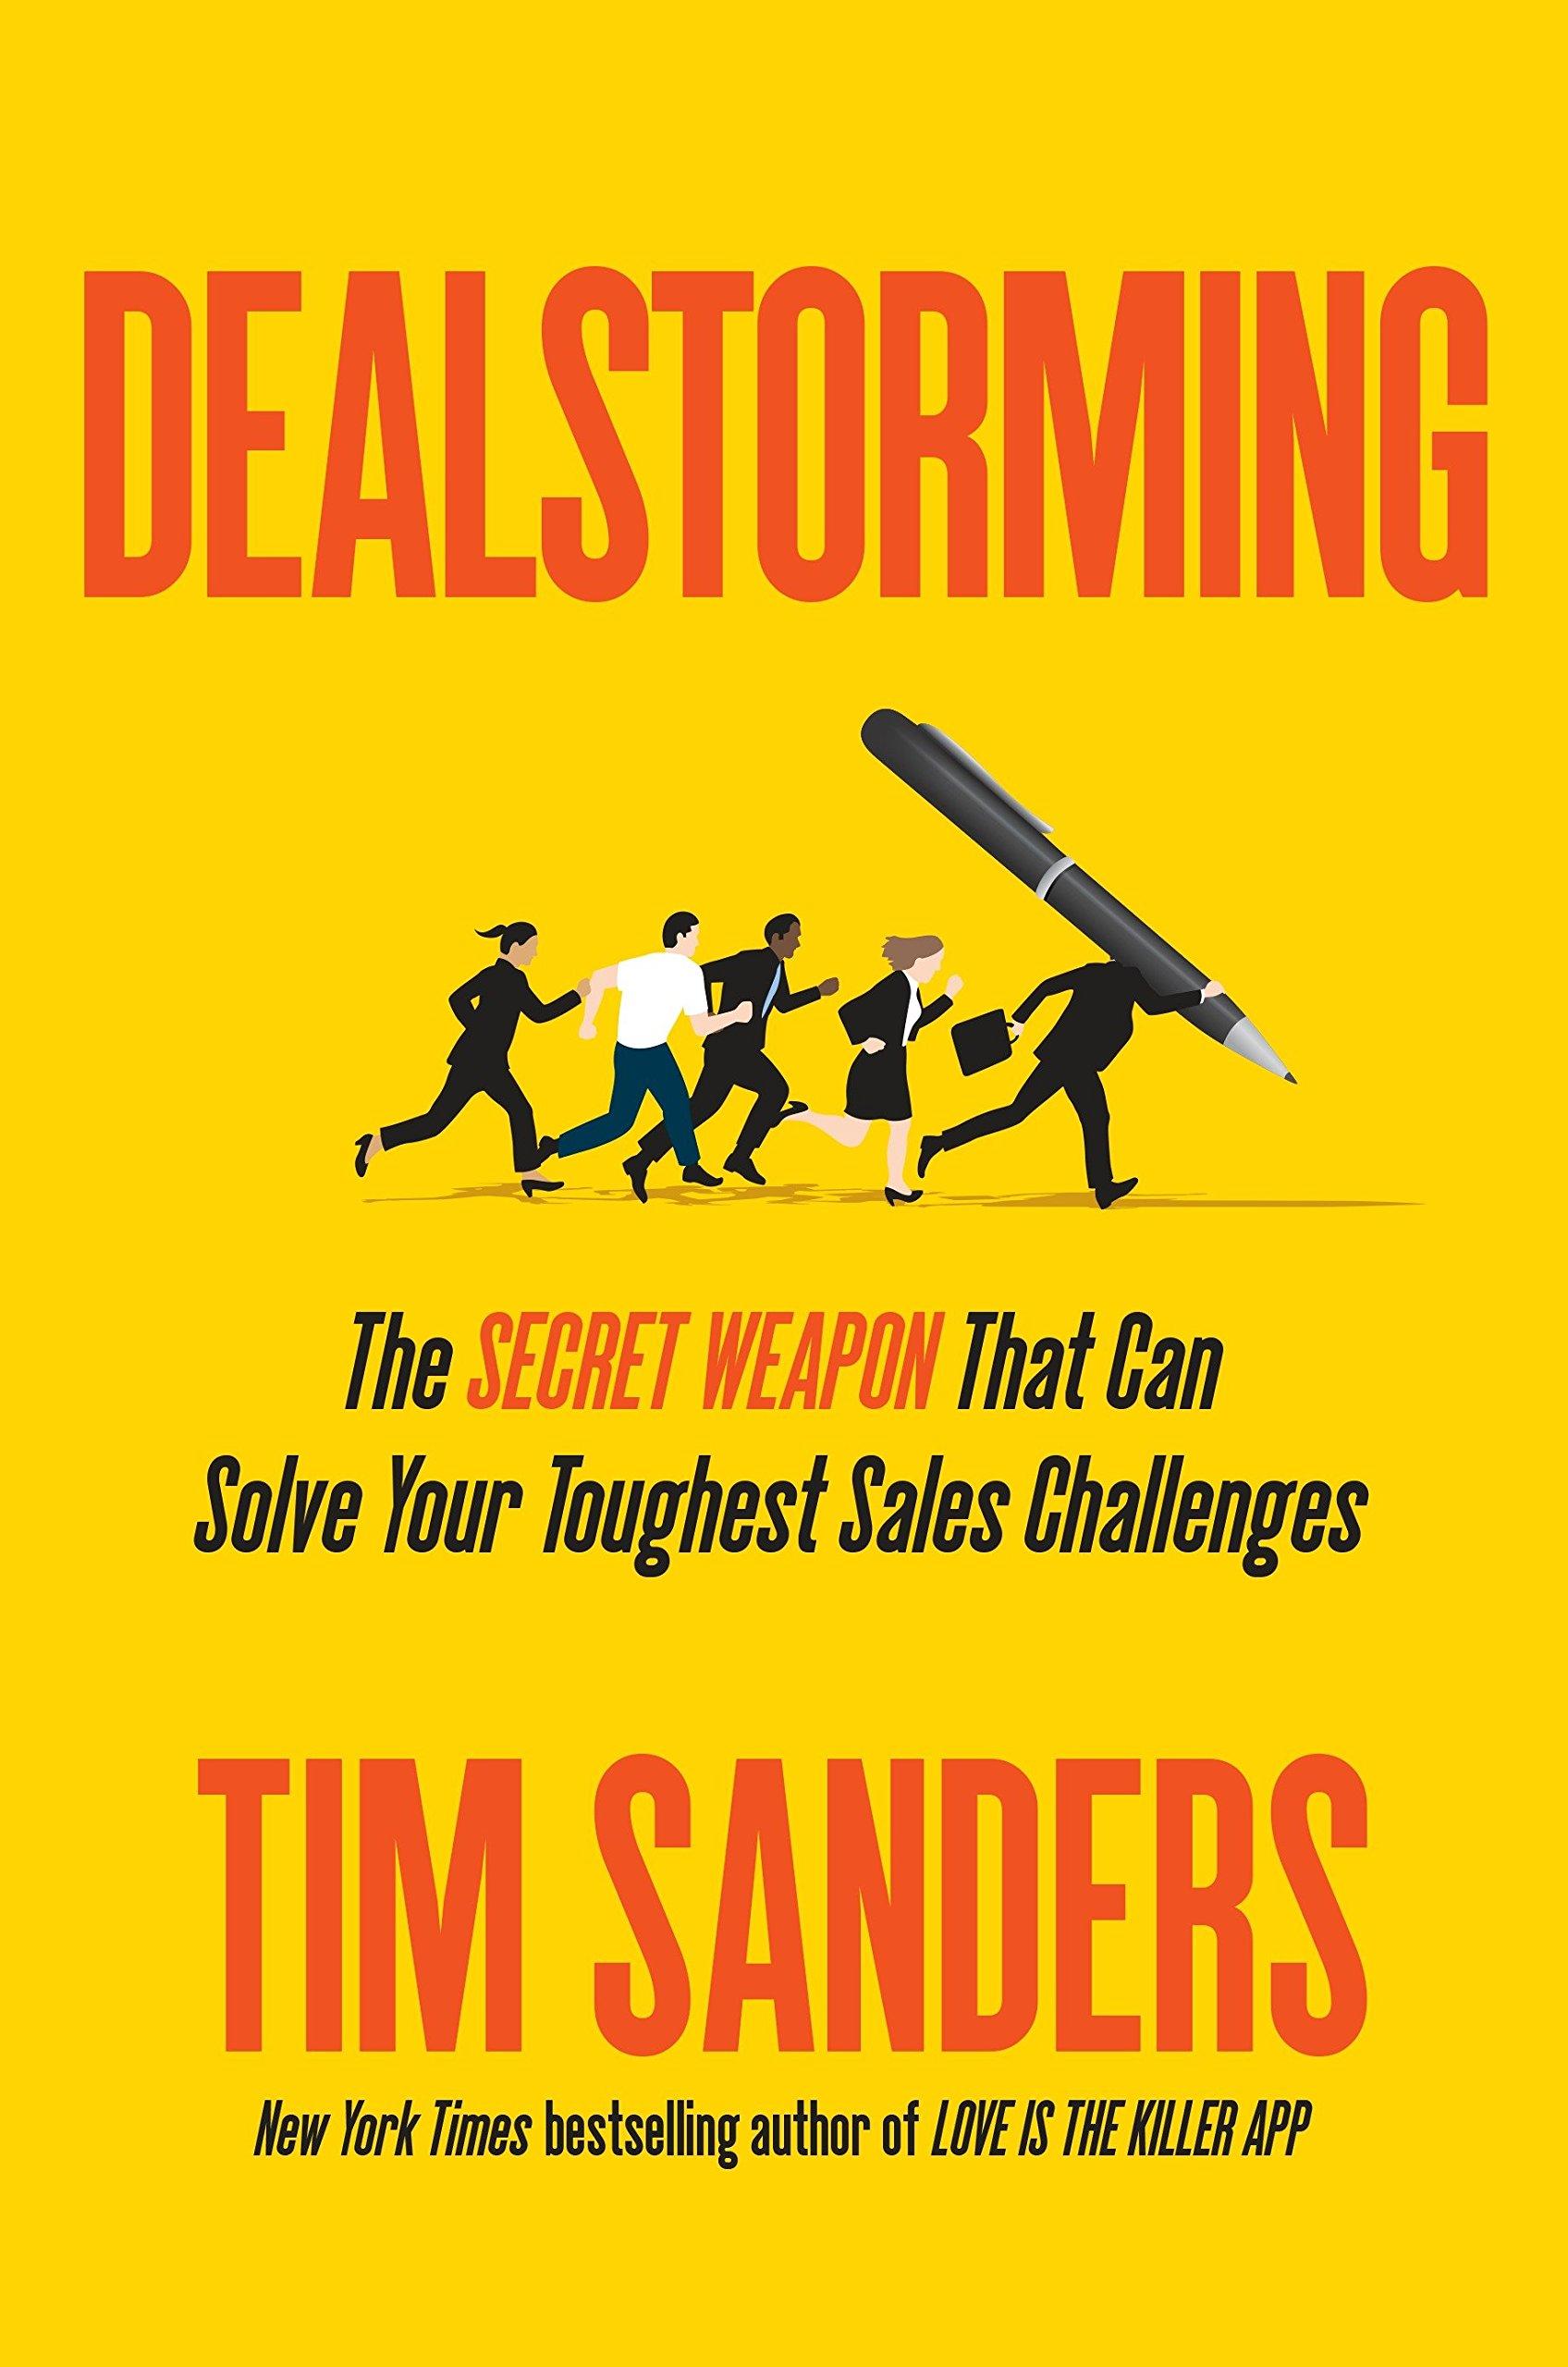 81xBRxfaTiL - Dealstorming: The Secret Weapon That Can Solve Your Toughest Sales Challenges